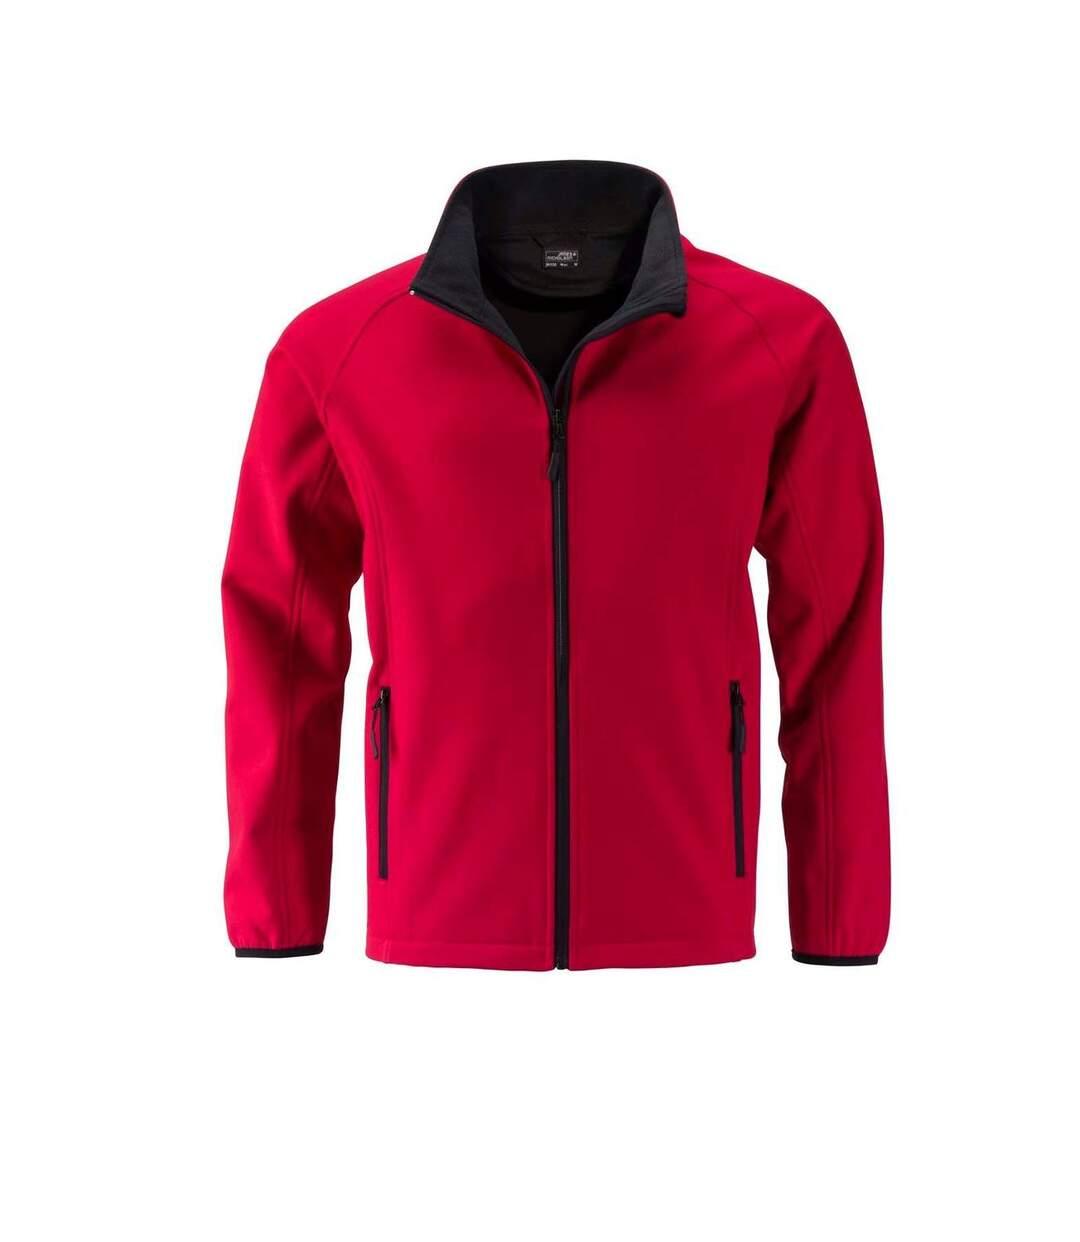 Veste softshell coupe-vent déperlante homme JN1130 - rouge